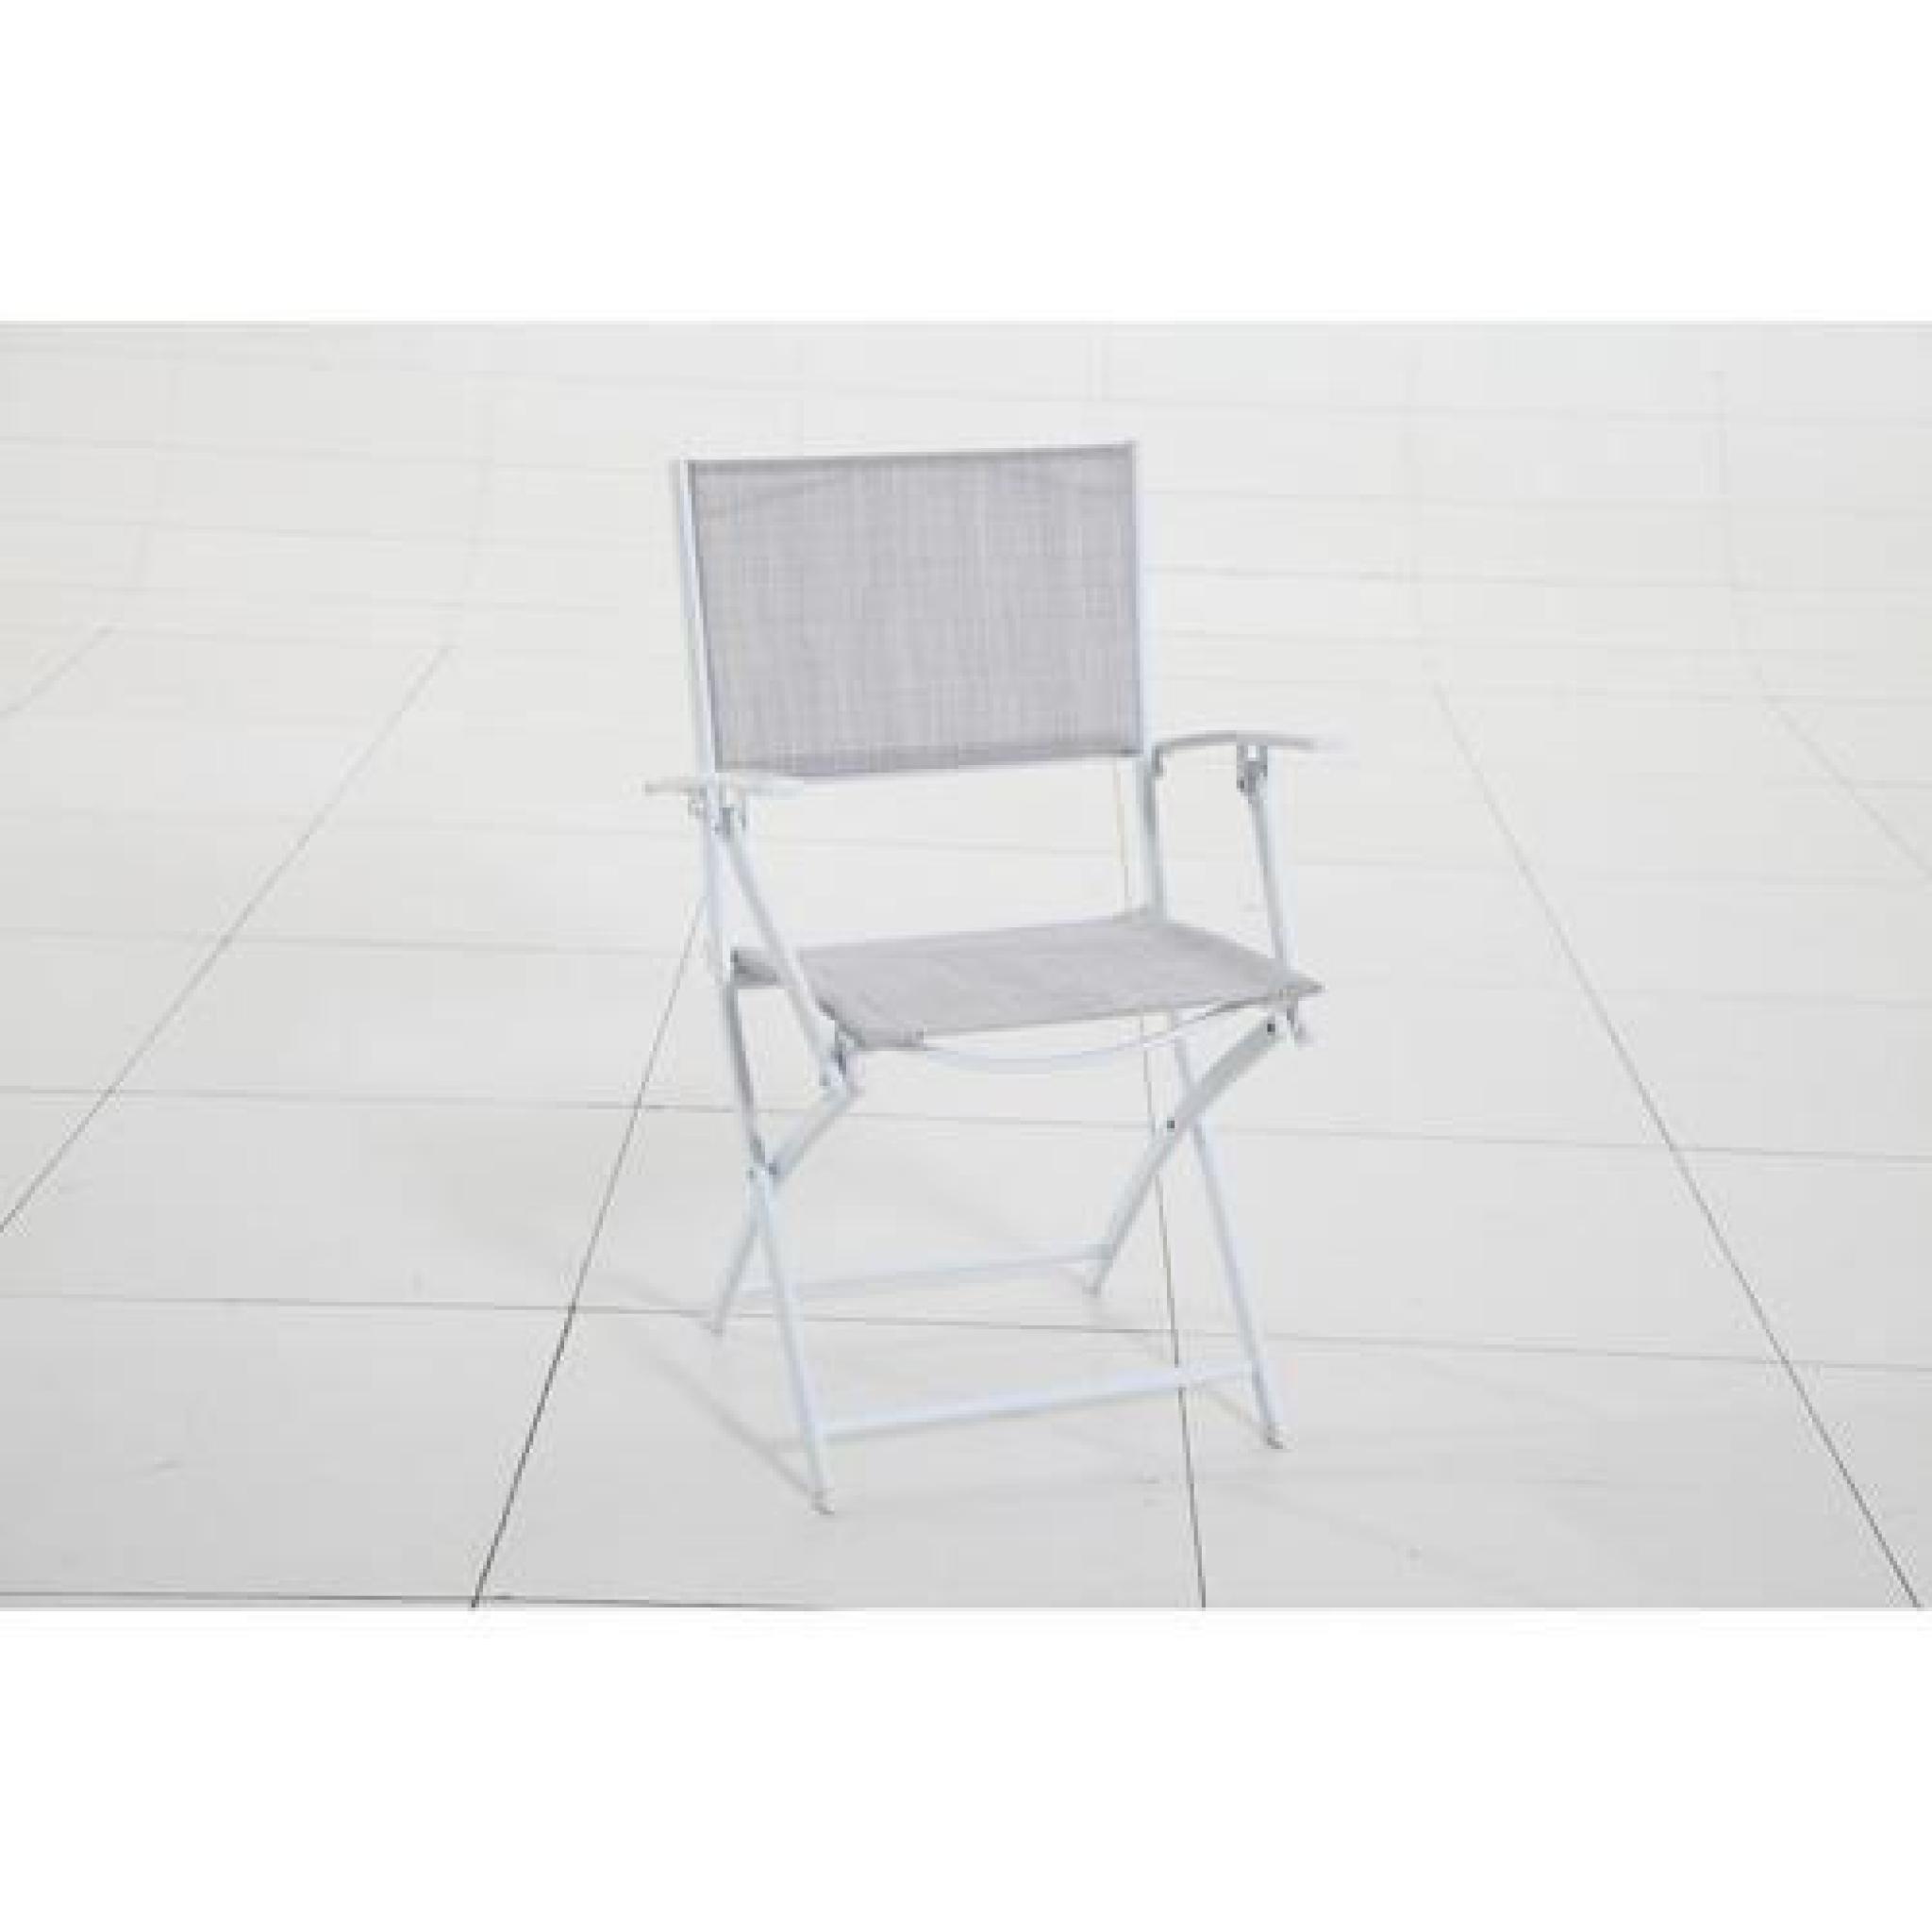 Fauteuil d 39 ext rieur modula pliant taupe chin achat vente fauteuil - Fauteuil exterieur design pas cher ...